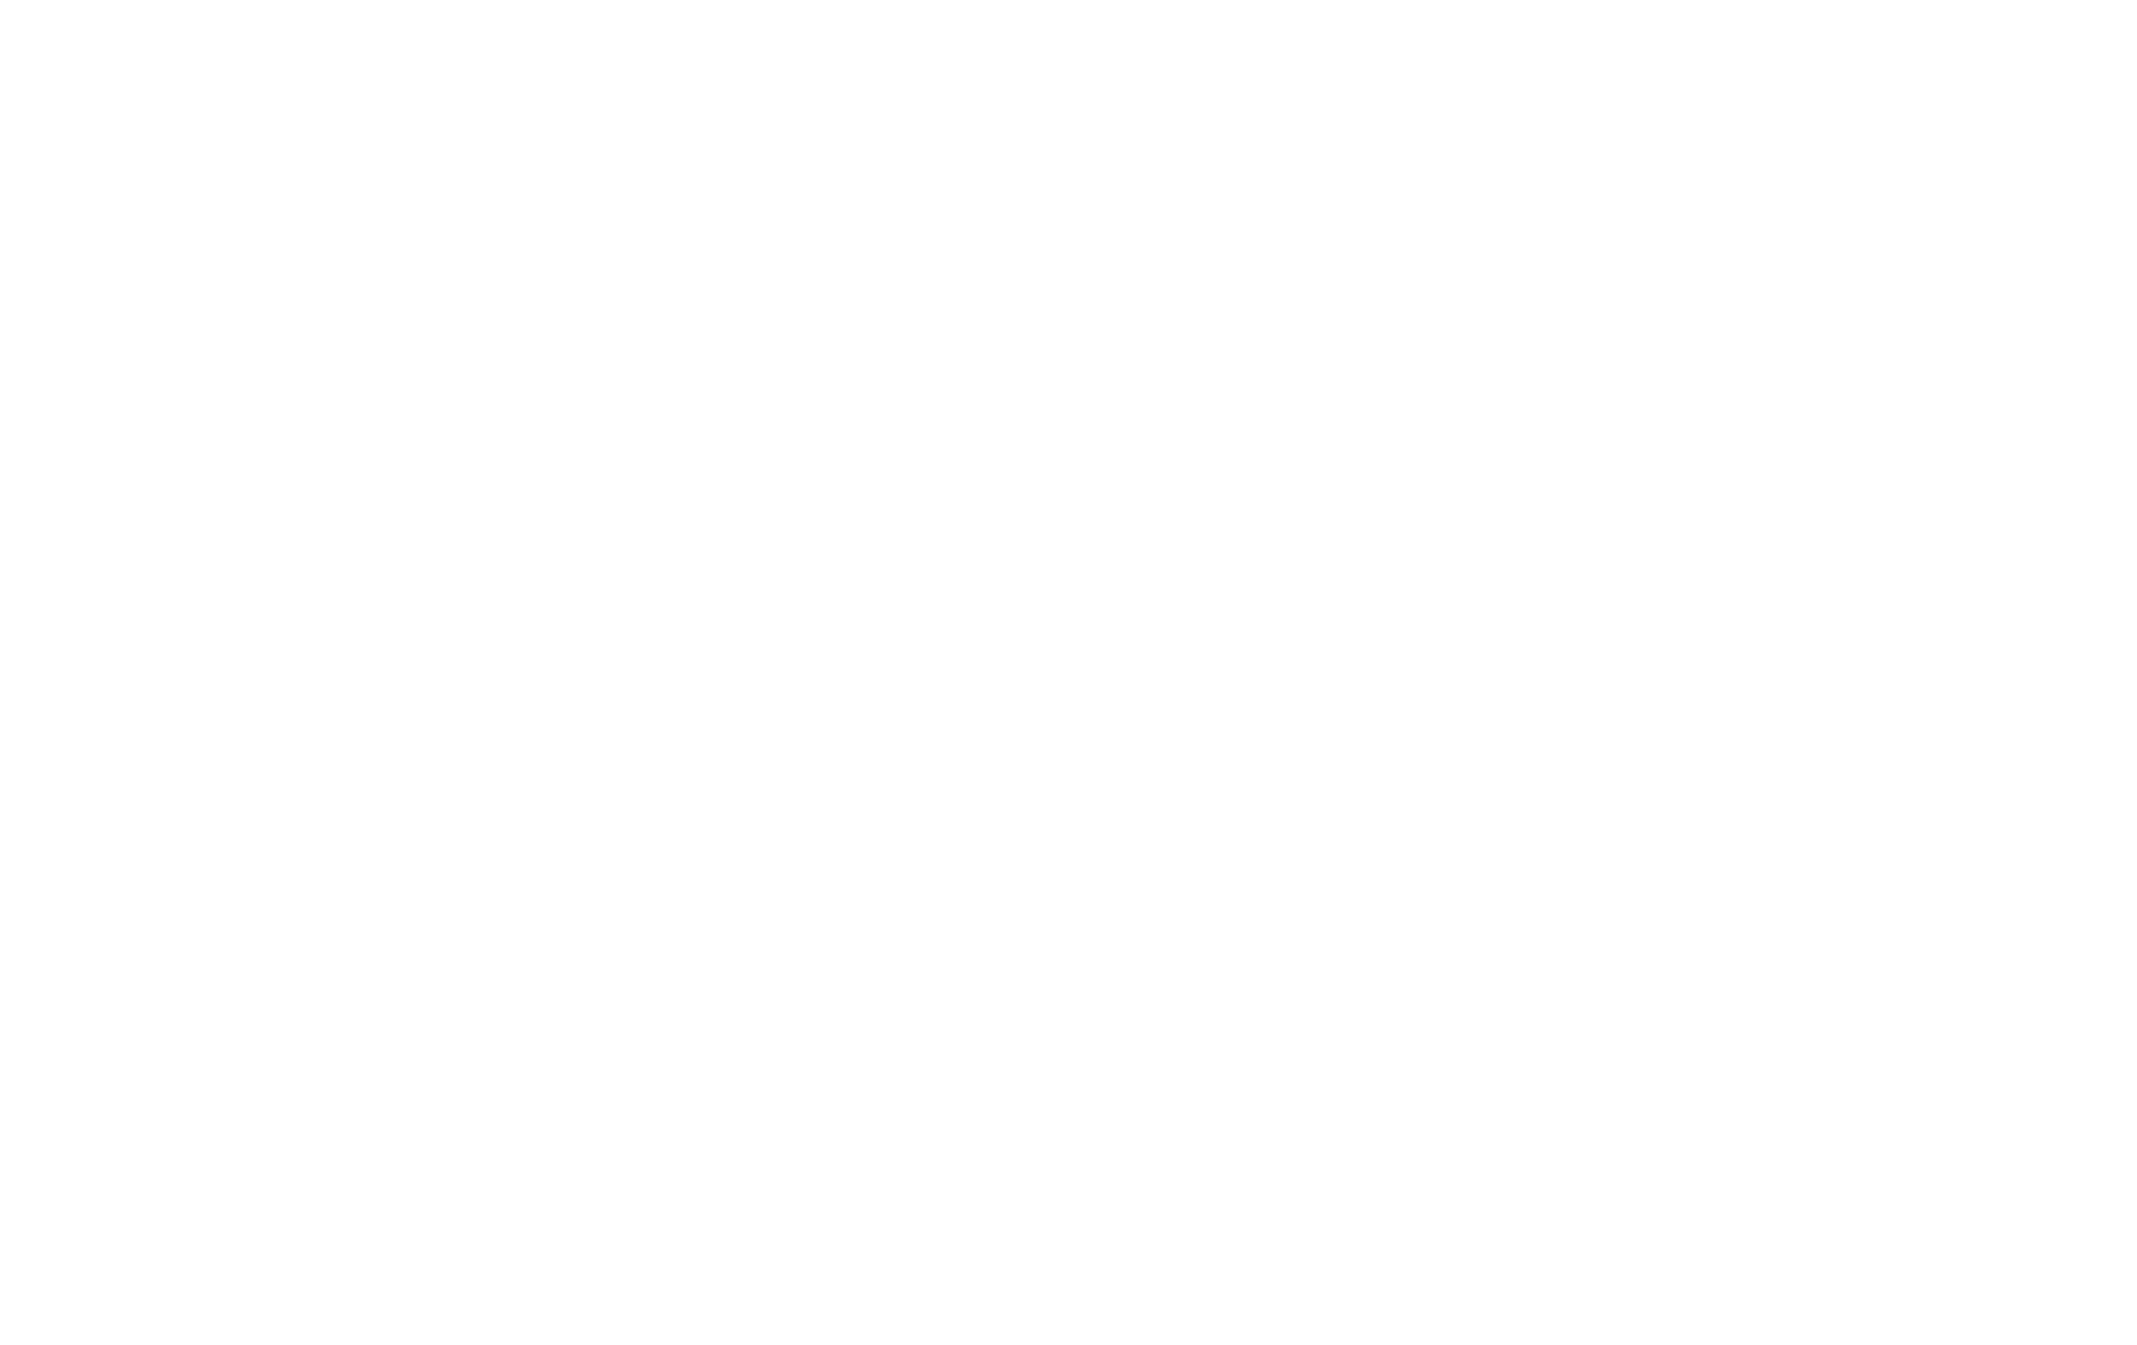 faroafaro.com